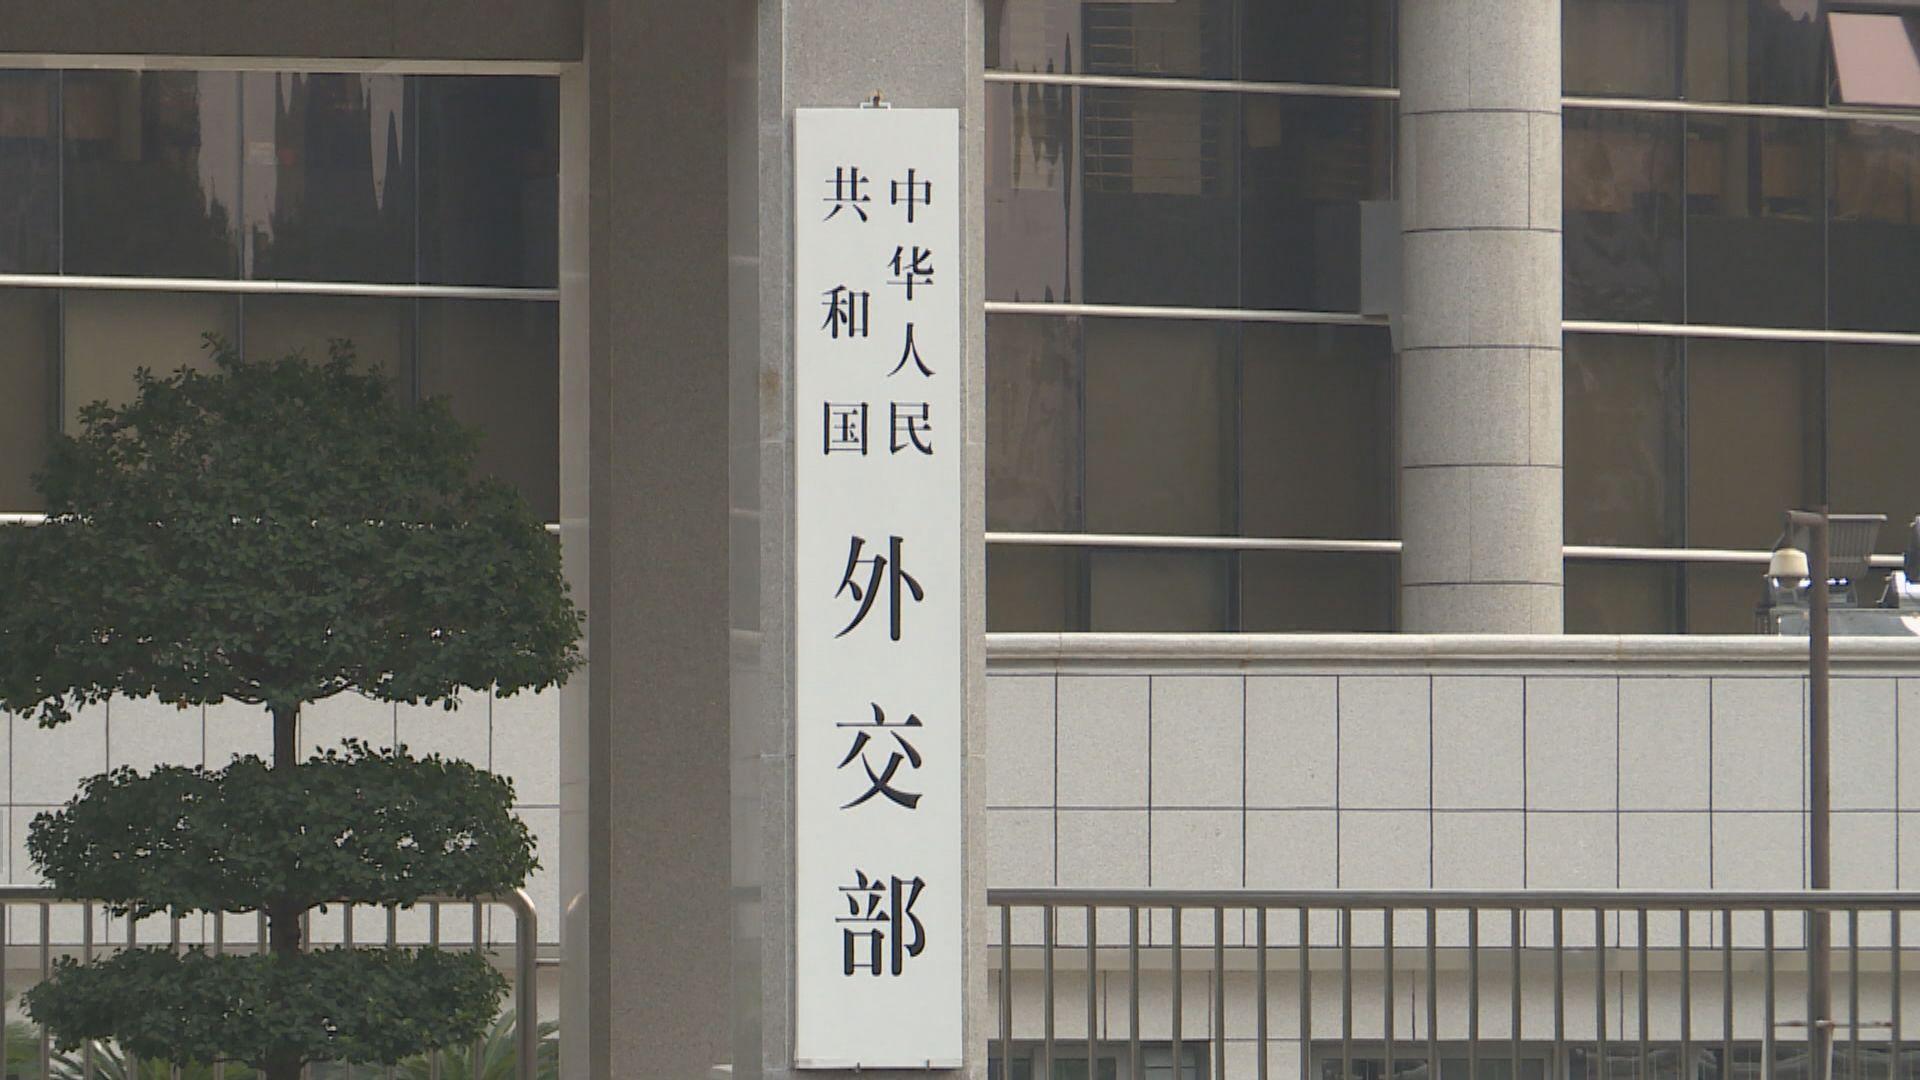 中國決定制裁在涉台問題表現惡劣的美國官員